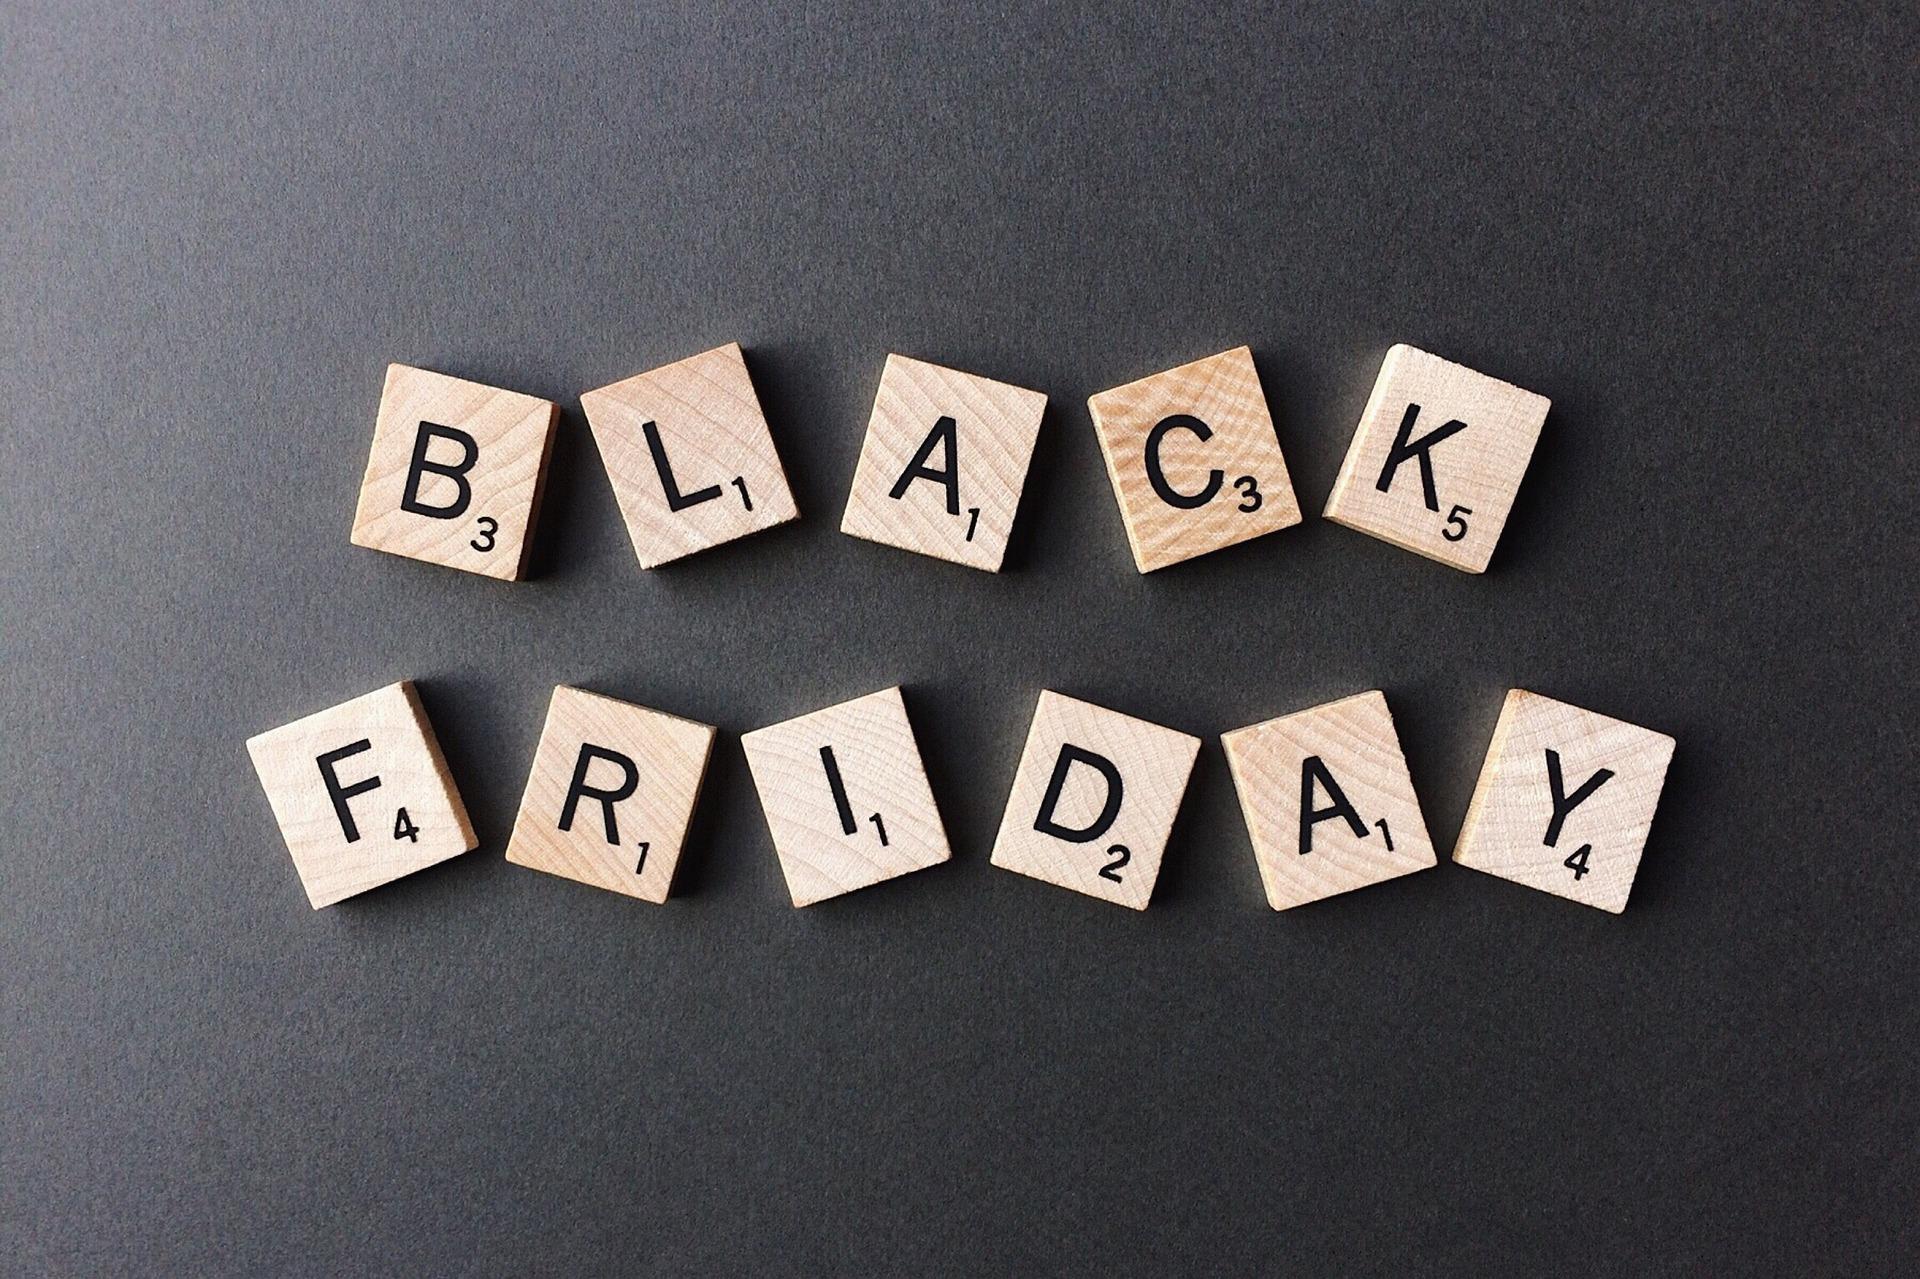 Vendas na Black Friday devem causar aumento de 29% no faturamento